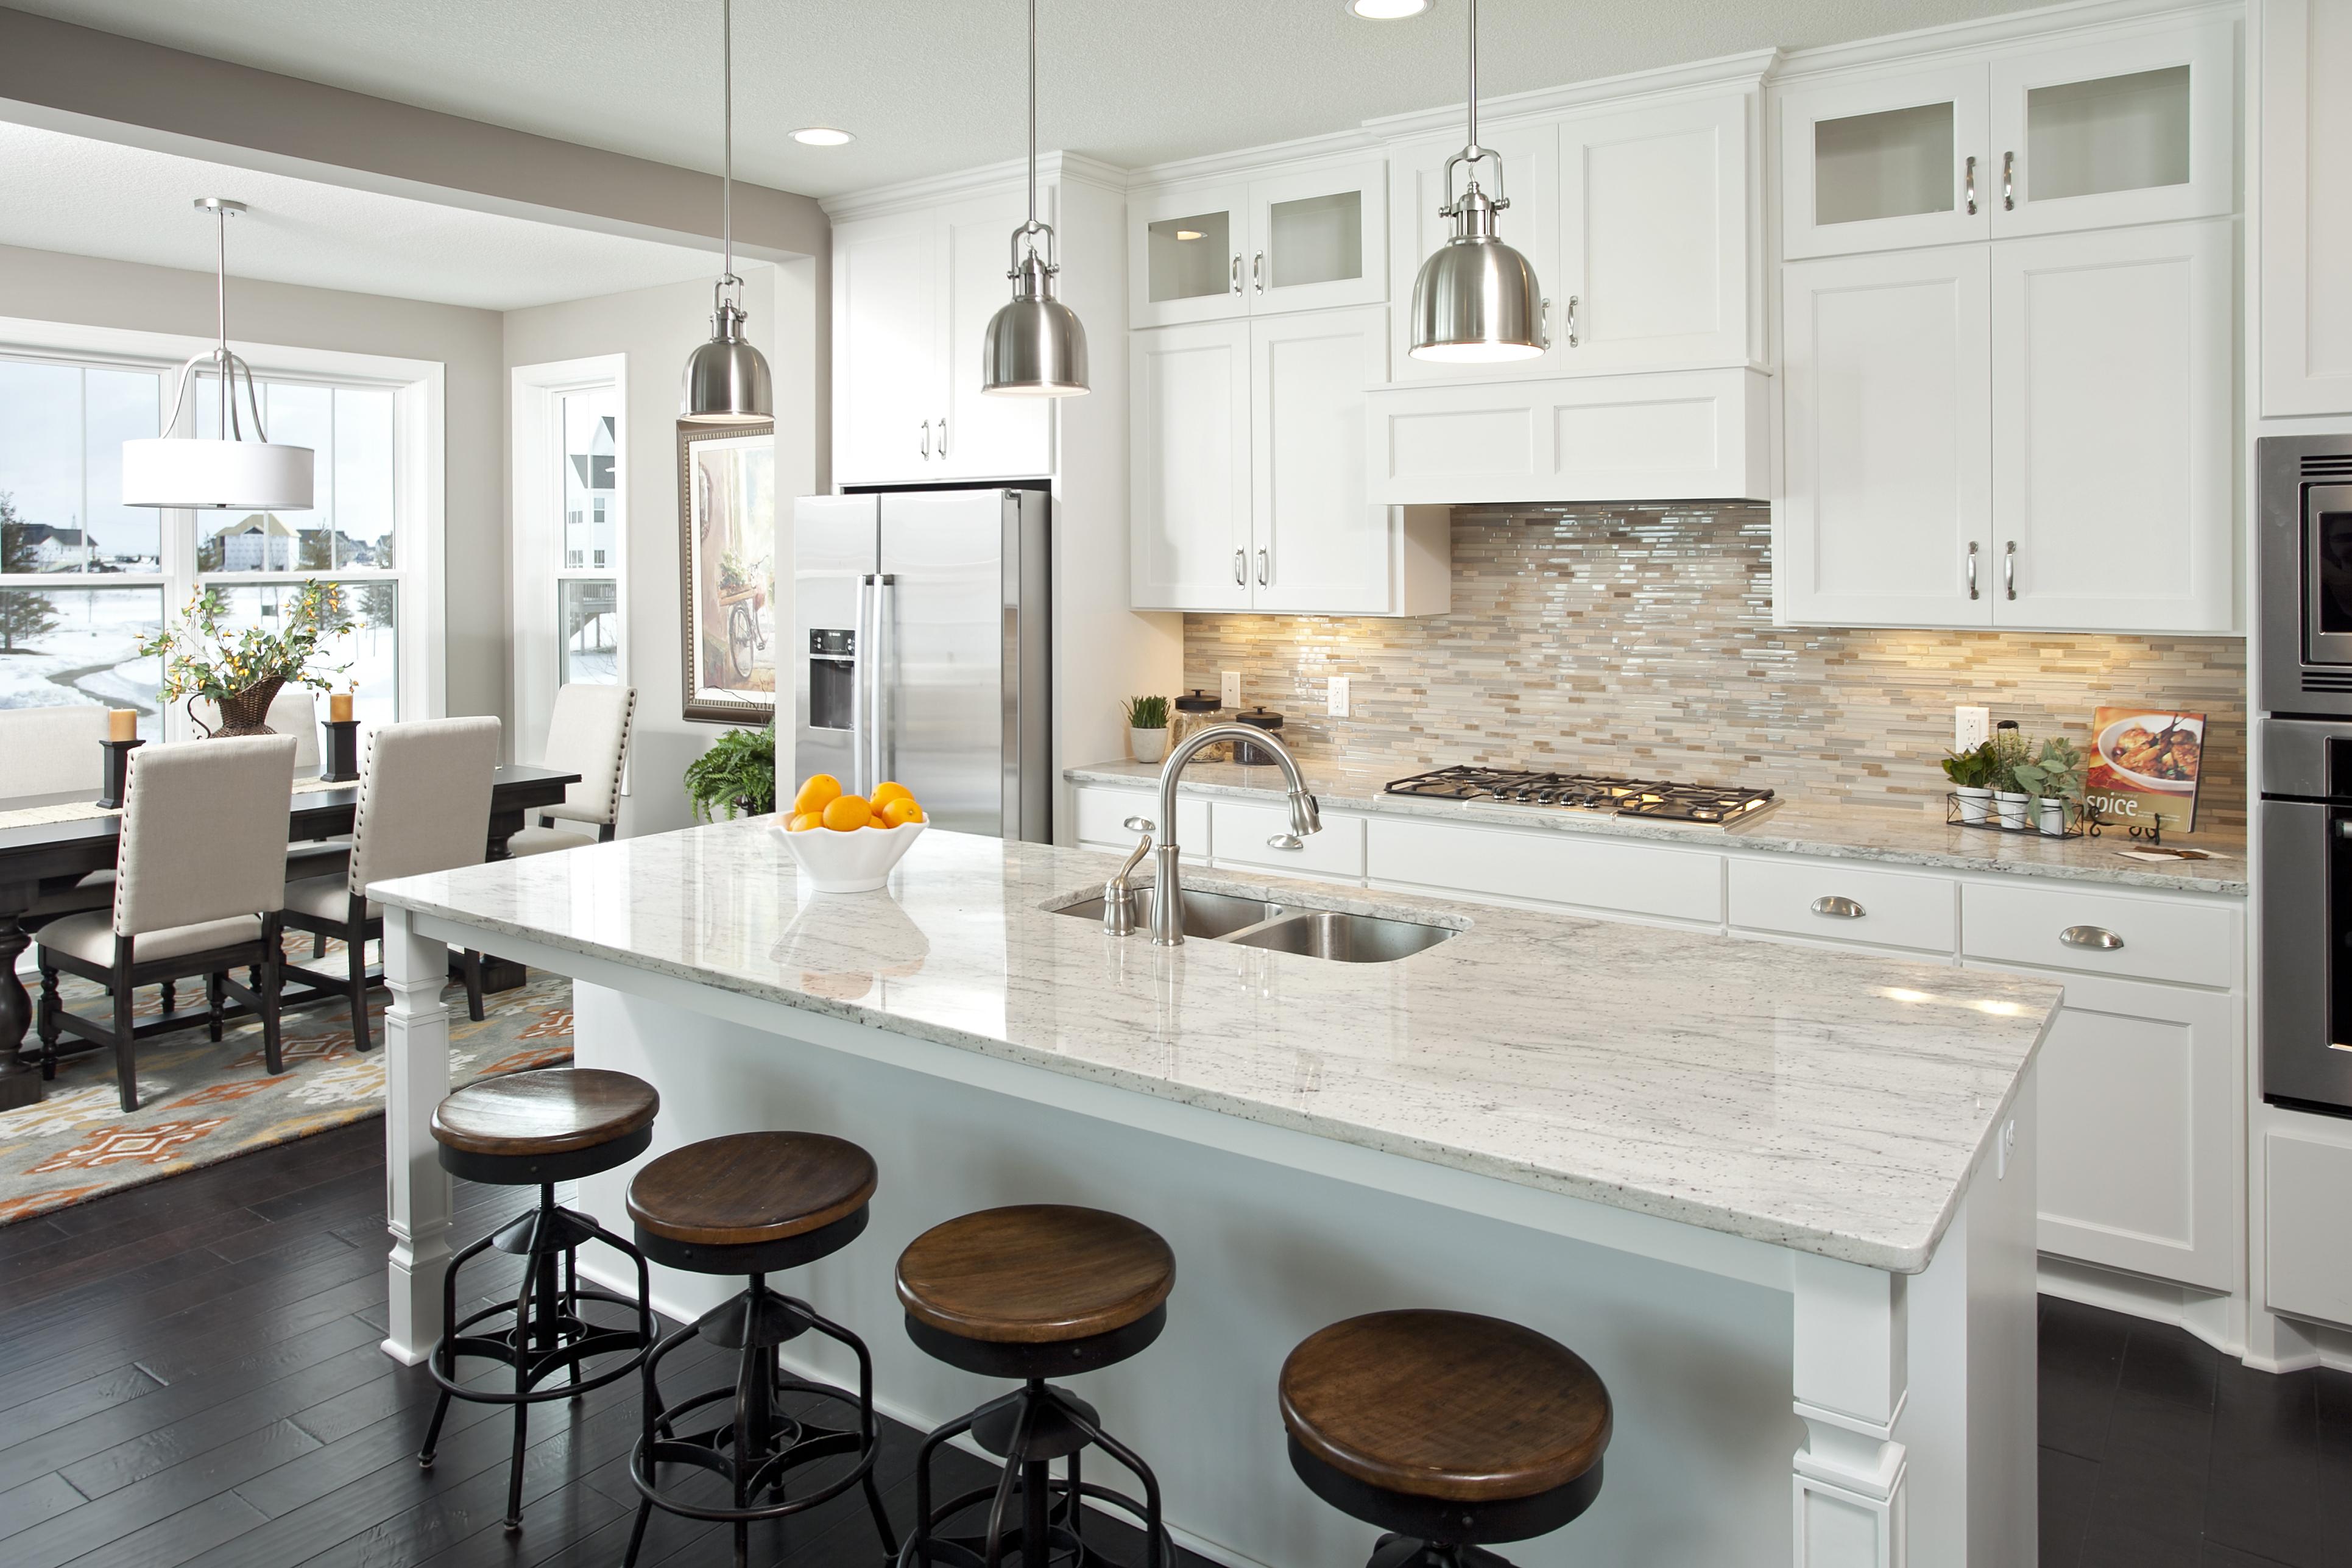 130227_019.jpg - Custom Home Builders & New Home Communities in ...